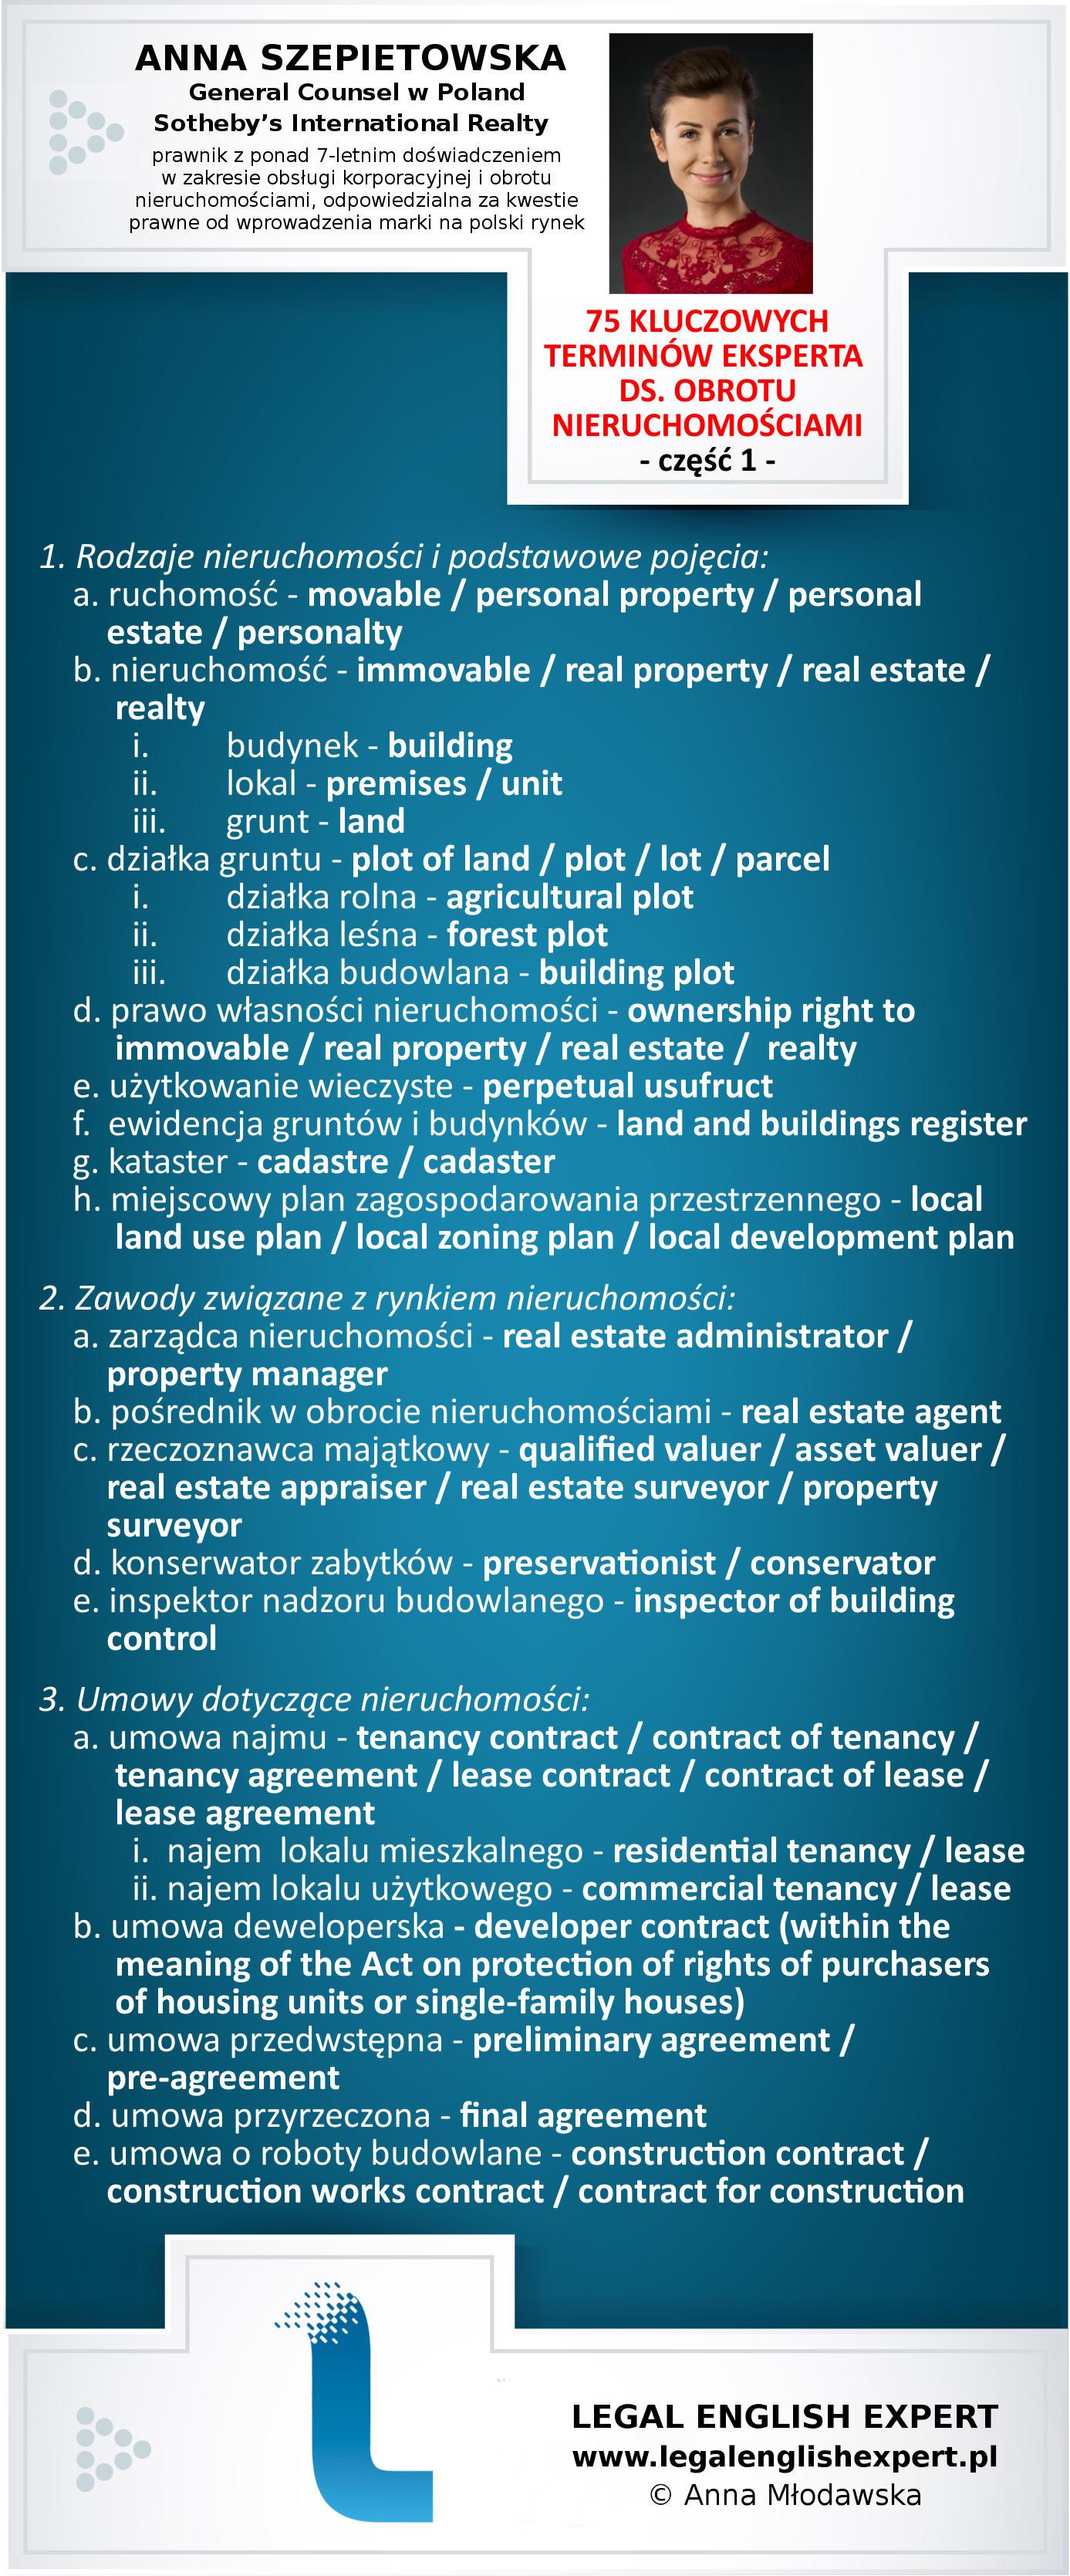 75-kluczowych-terminow-obrot-nieruchomosciami-czesc-1